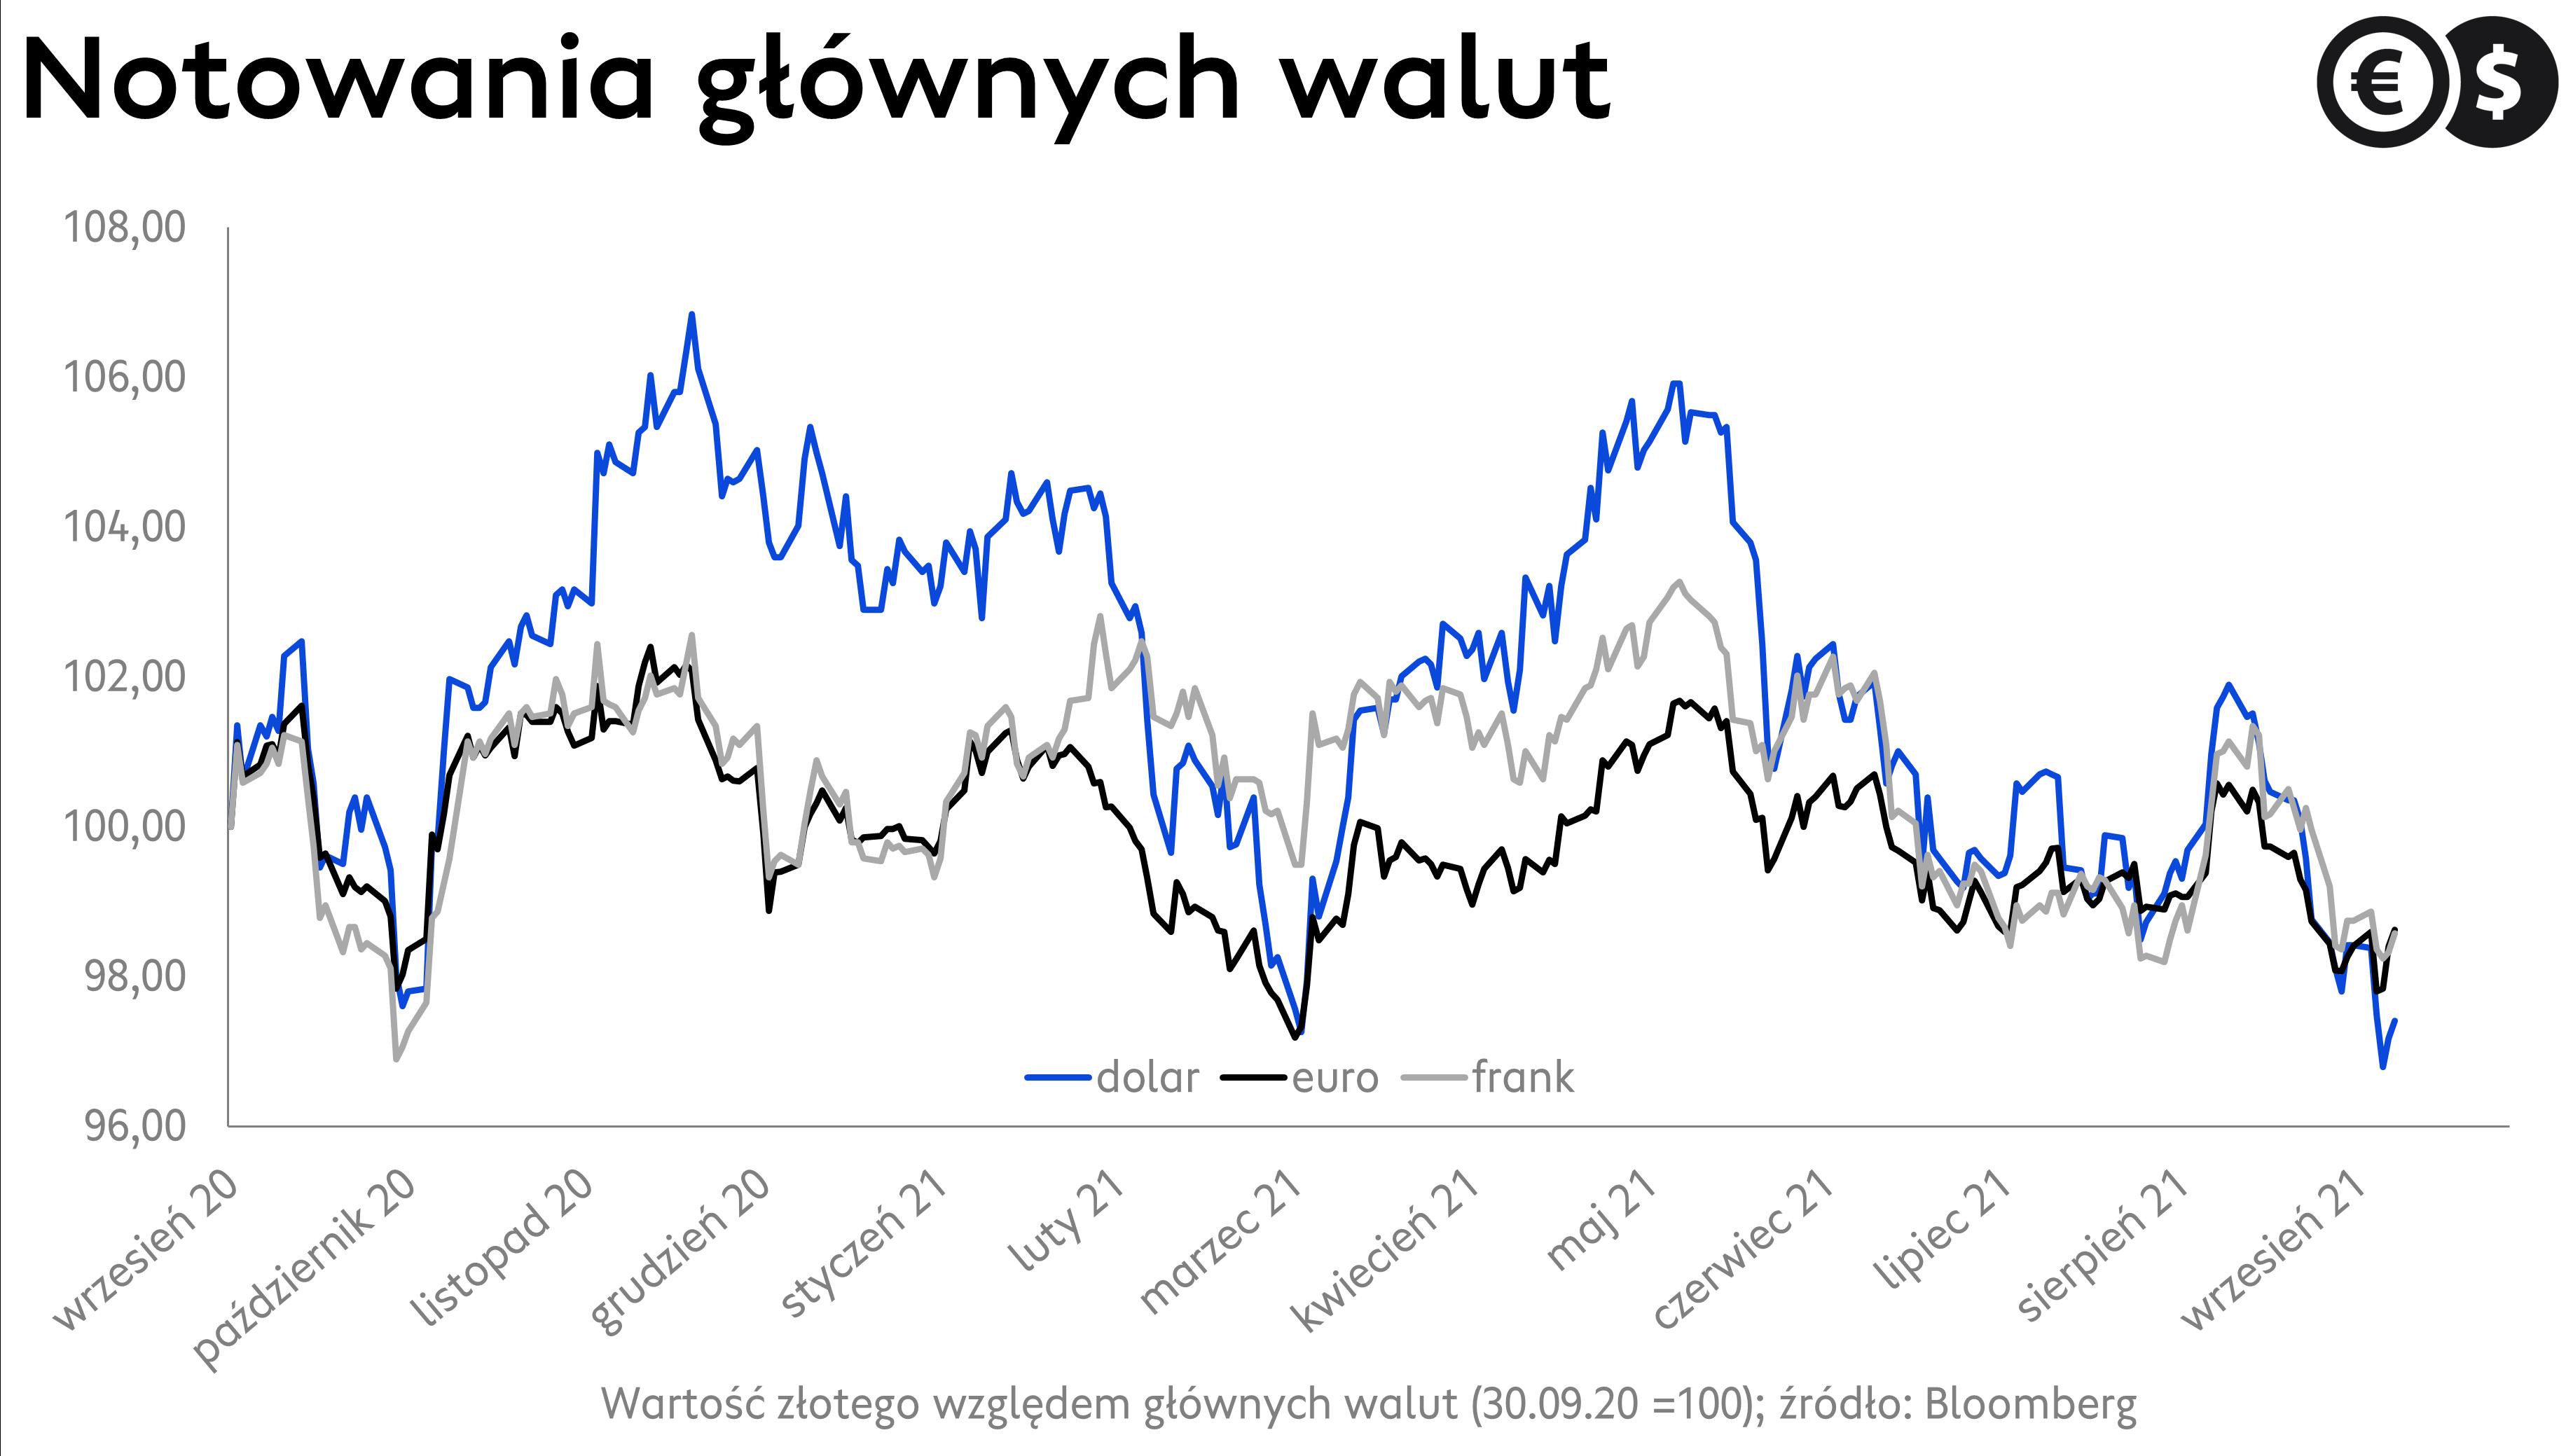 Kurs USD/PLN jest dziś prawie 1,5 proc. poniżej długoterminowych szczytów z czwartkowej sesji